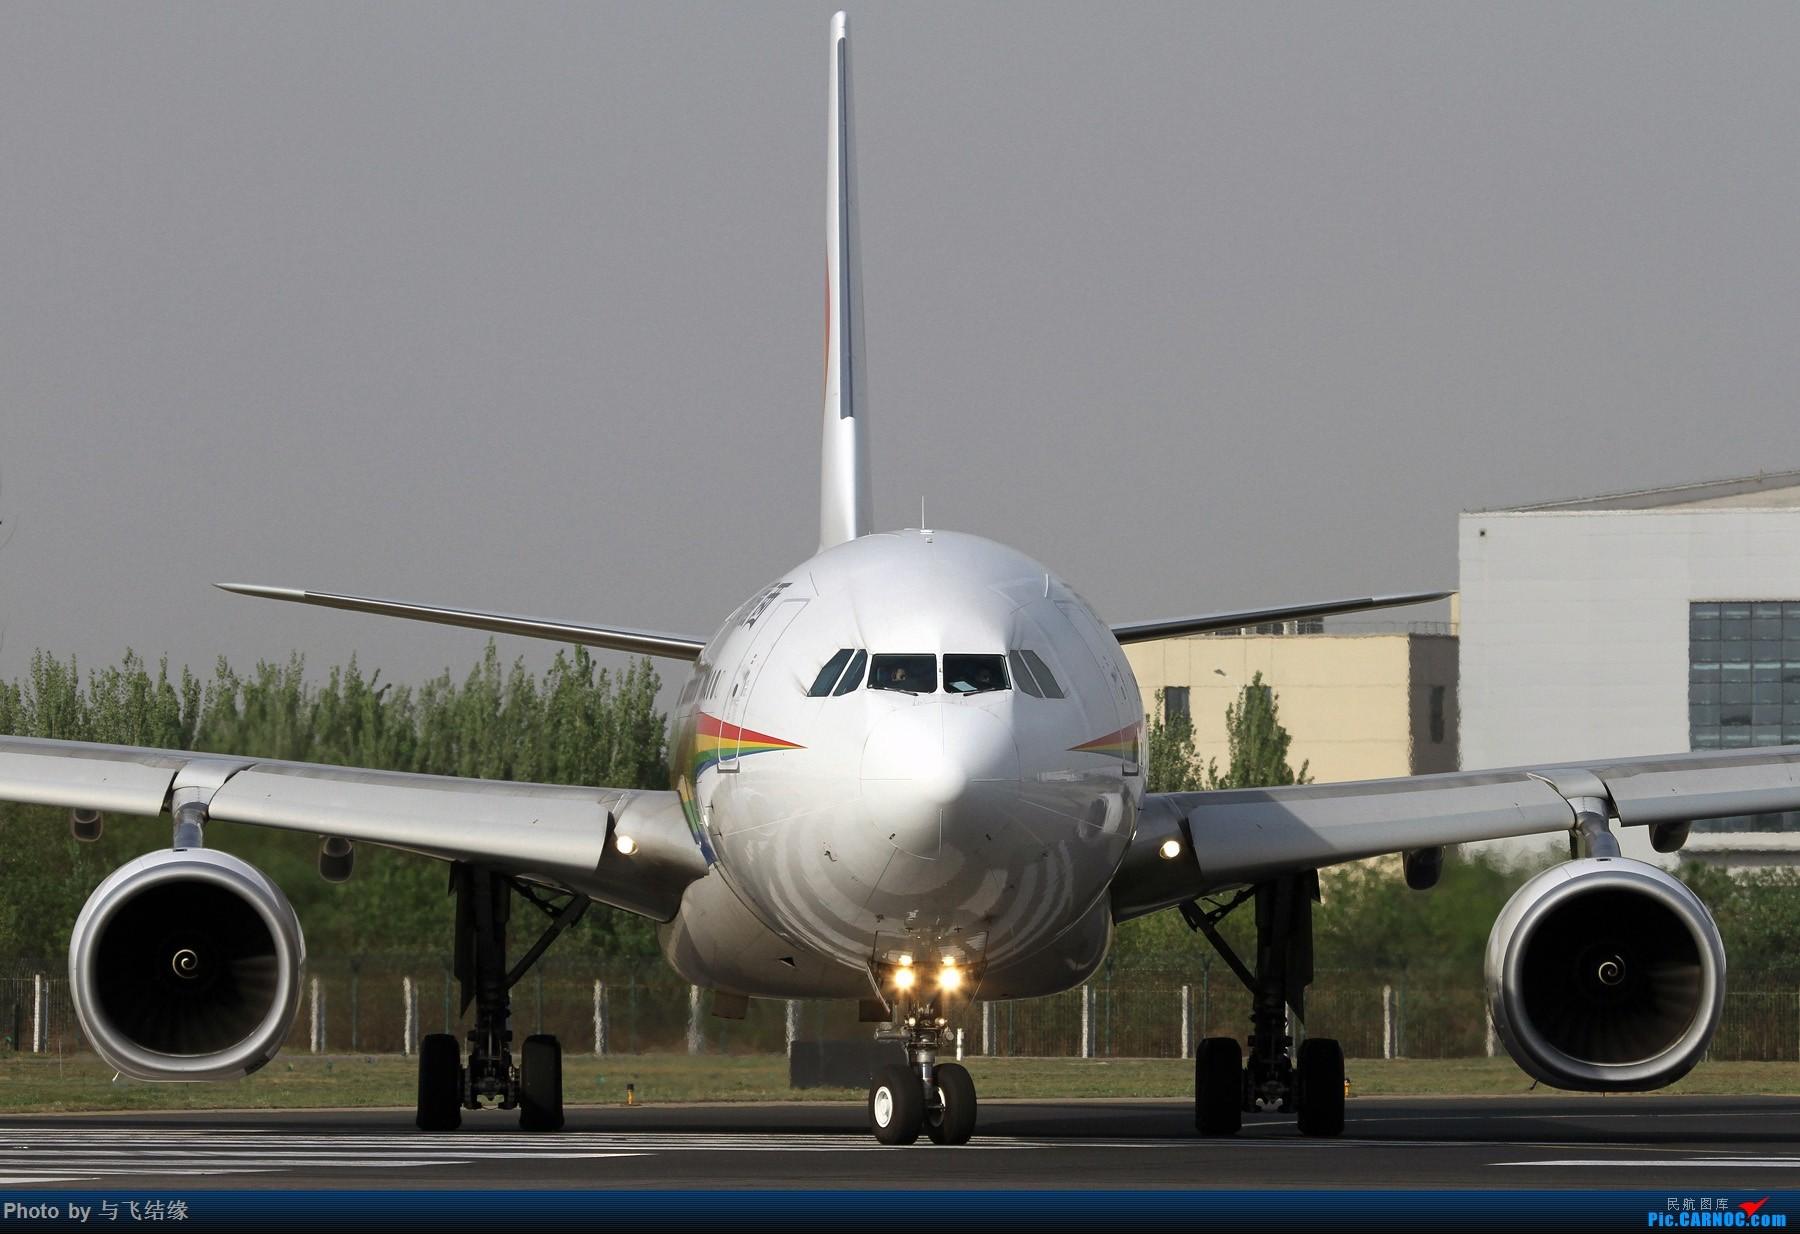 Re:[原创]西藏航空Airbus A330-200,B-8420组图。 AIRBUS A330-200 B-8420 中国北京首都国际机场